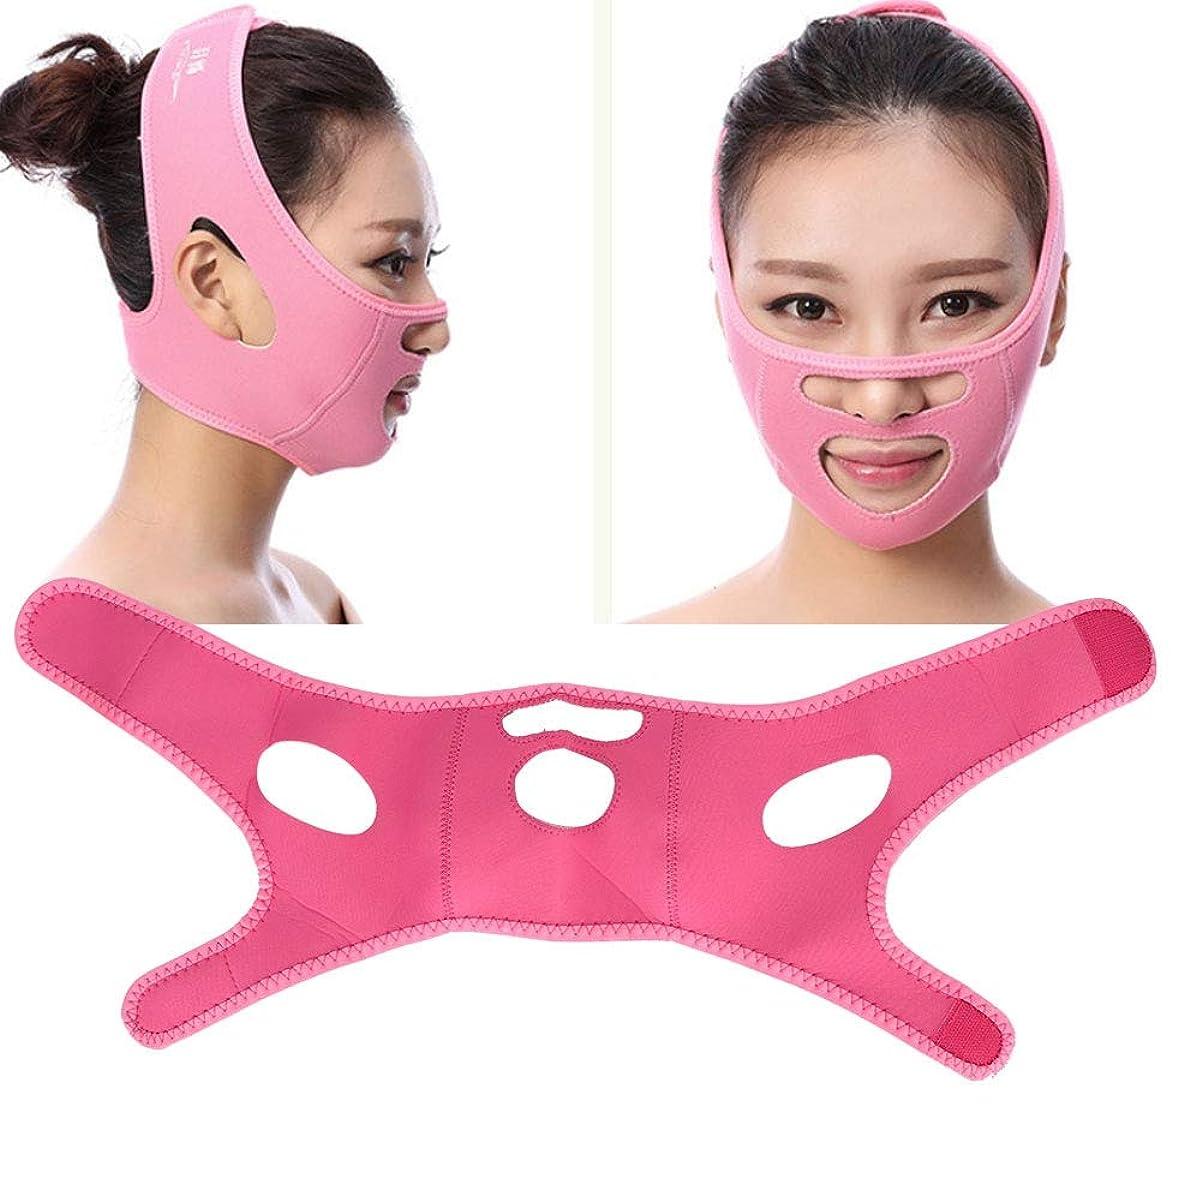 慎重ネコ夕食を作るスリミングマスク - V字型マスク、フェイスマスクV型 - 首とあごを持ち上げるため、アンチエイジング、しわを軽減